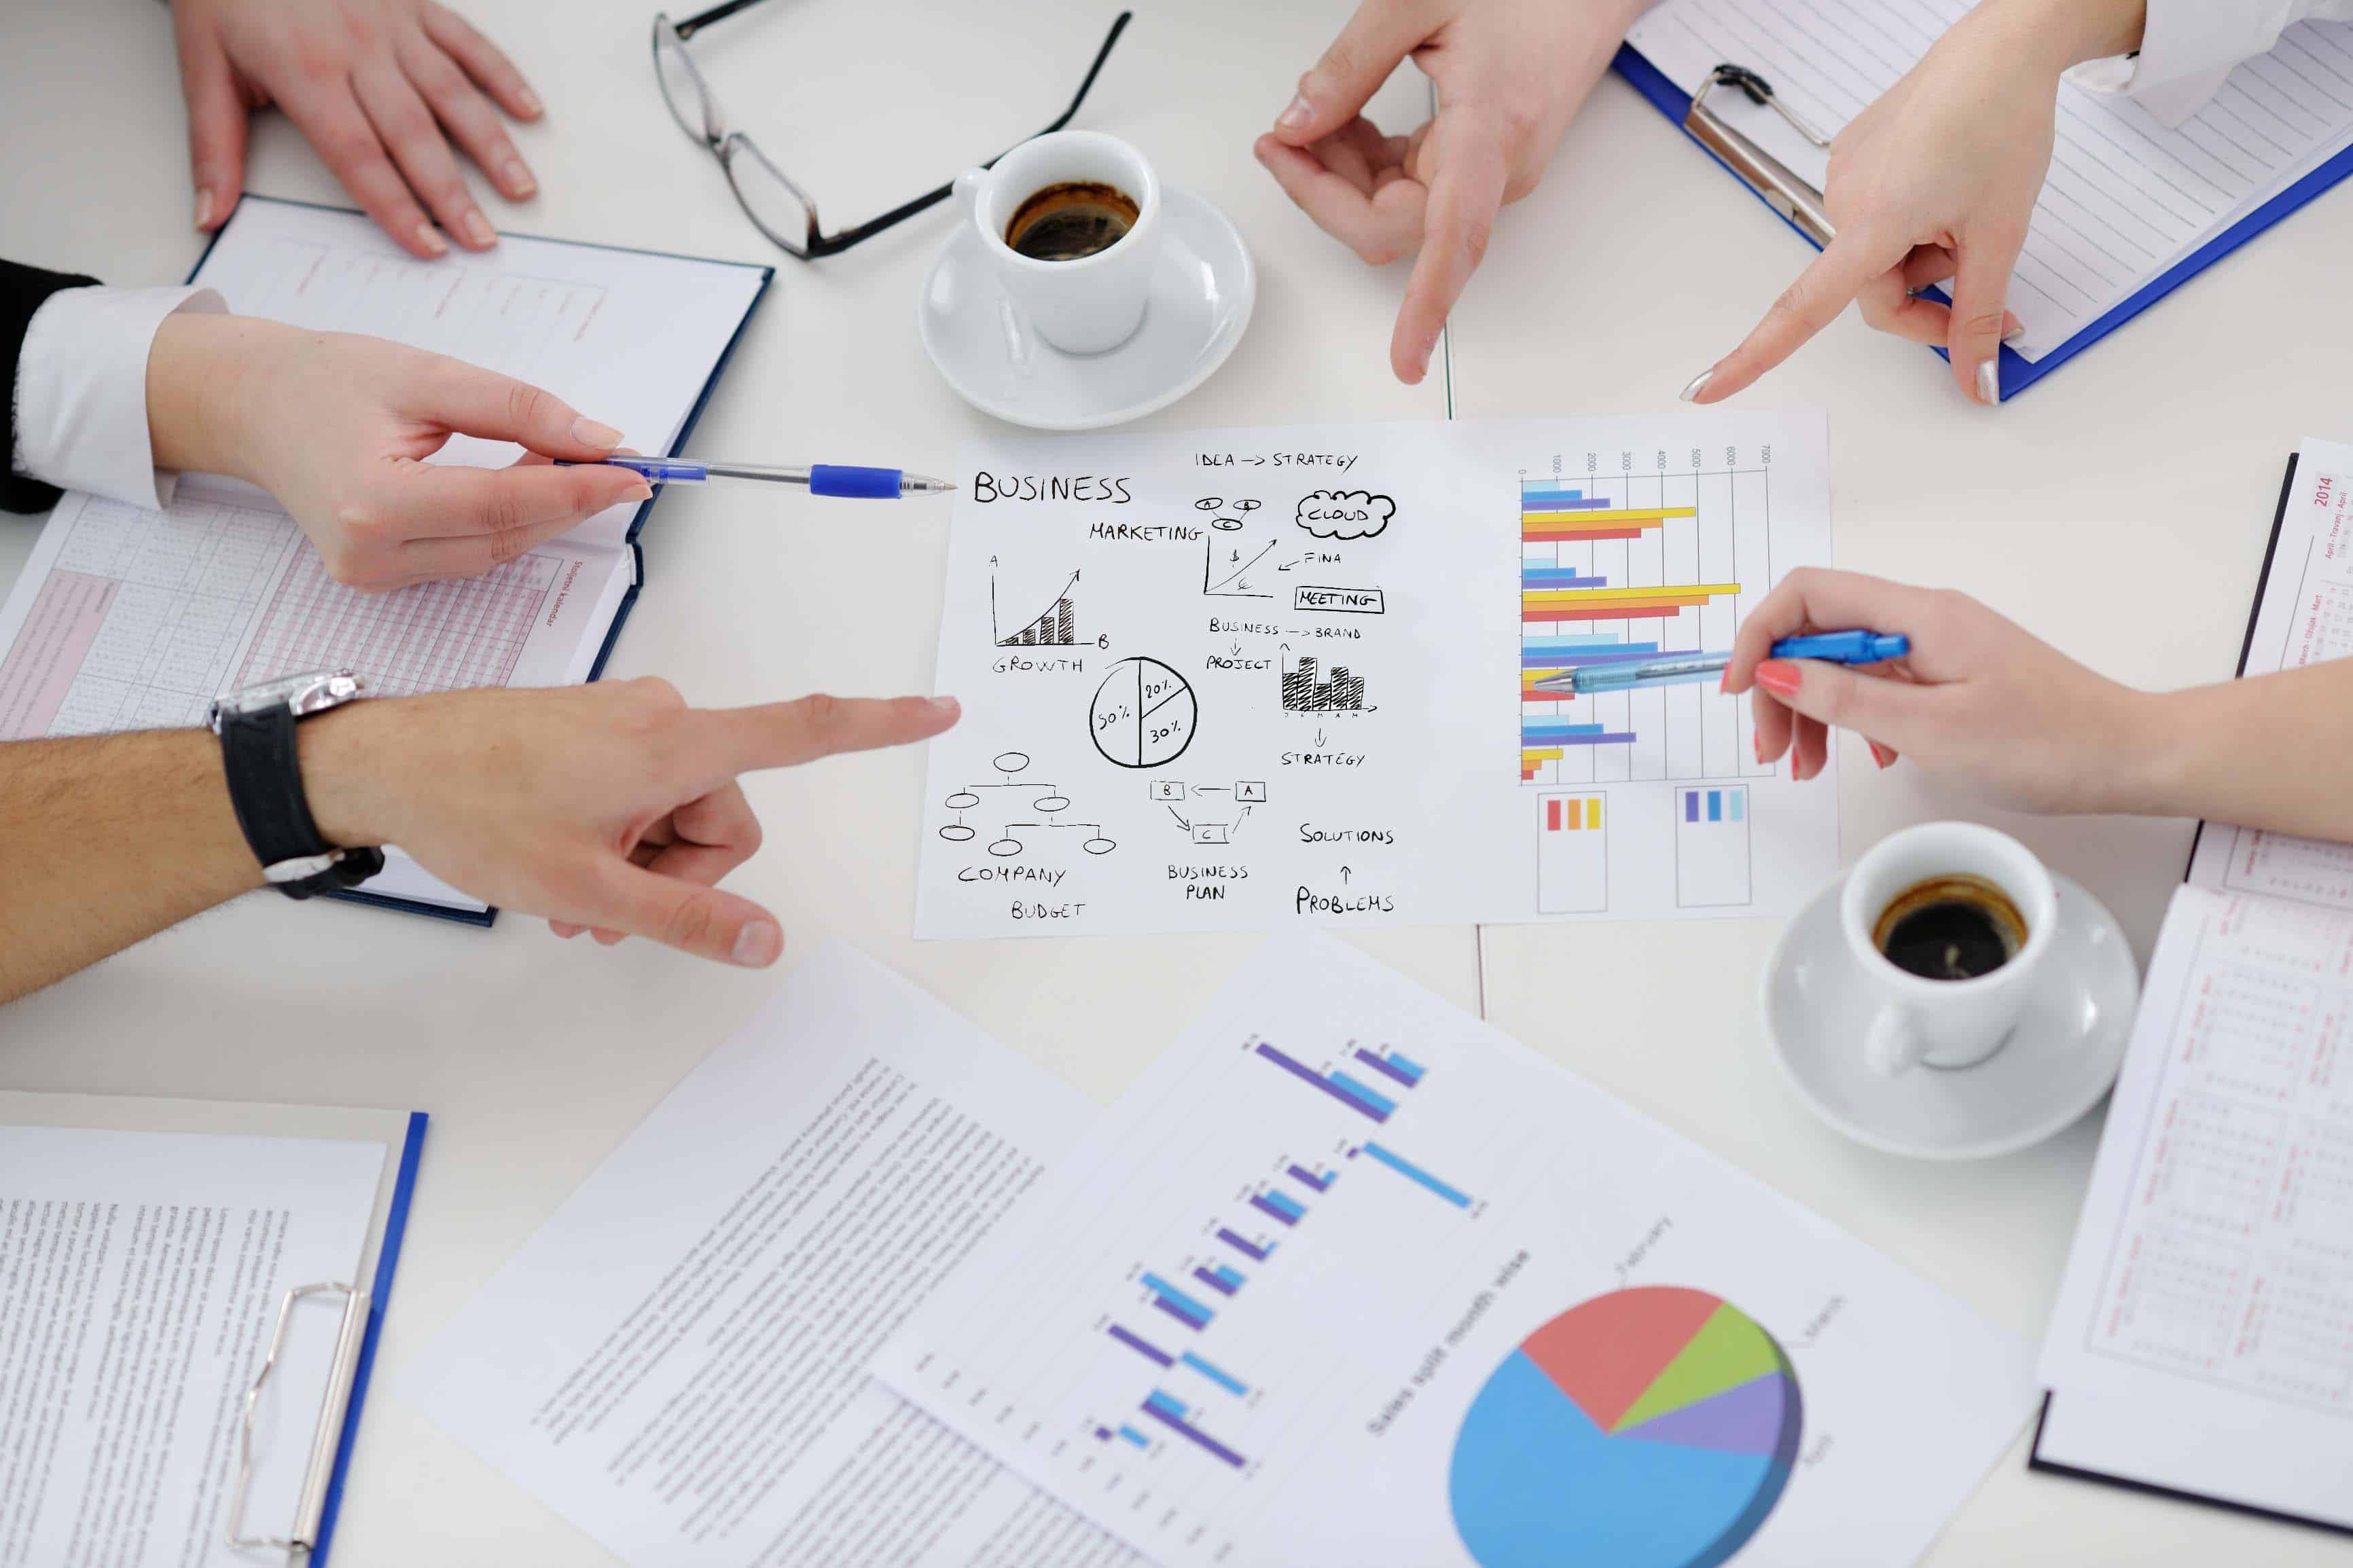 Que tipos de empresa uma startup pode ser?